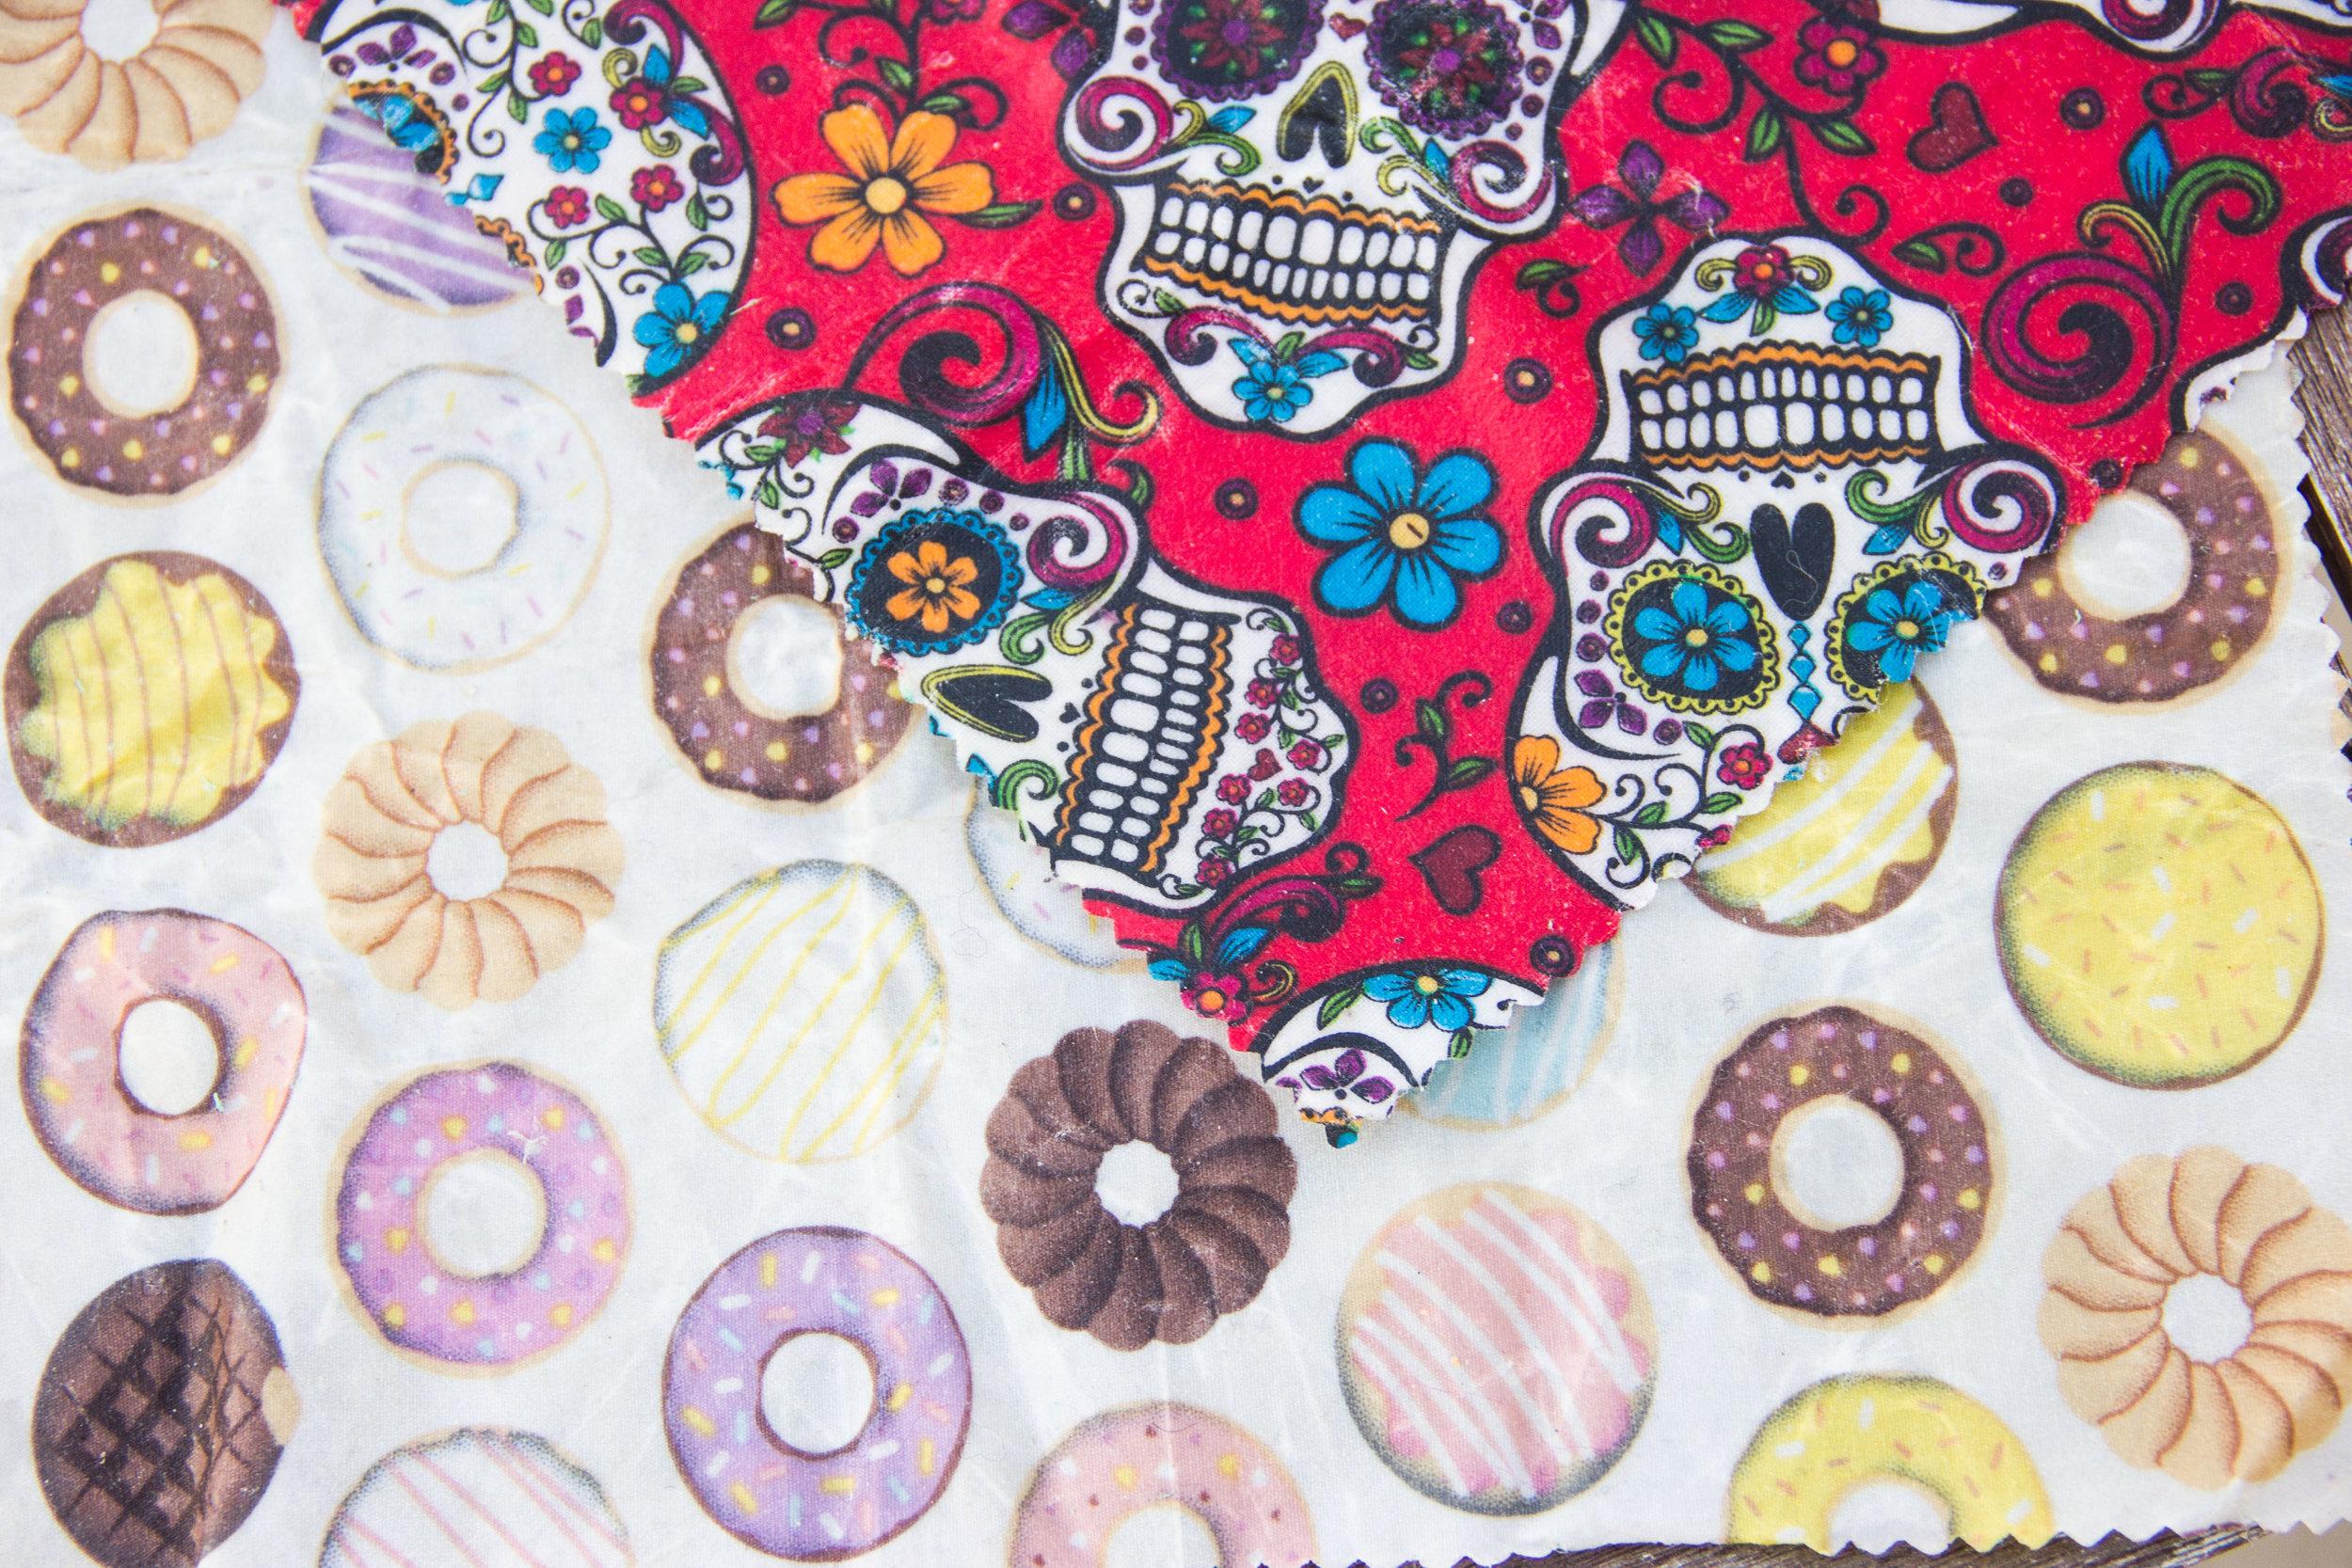 beeswax wrap fabric